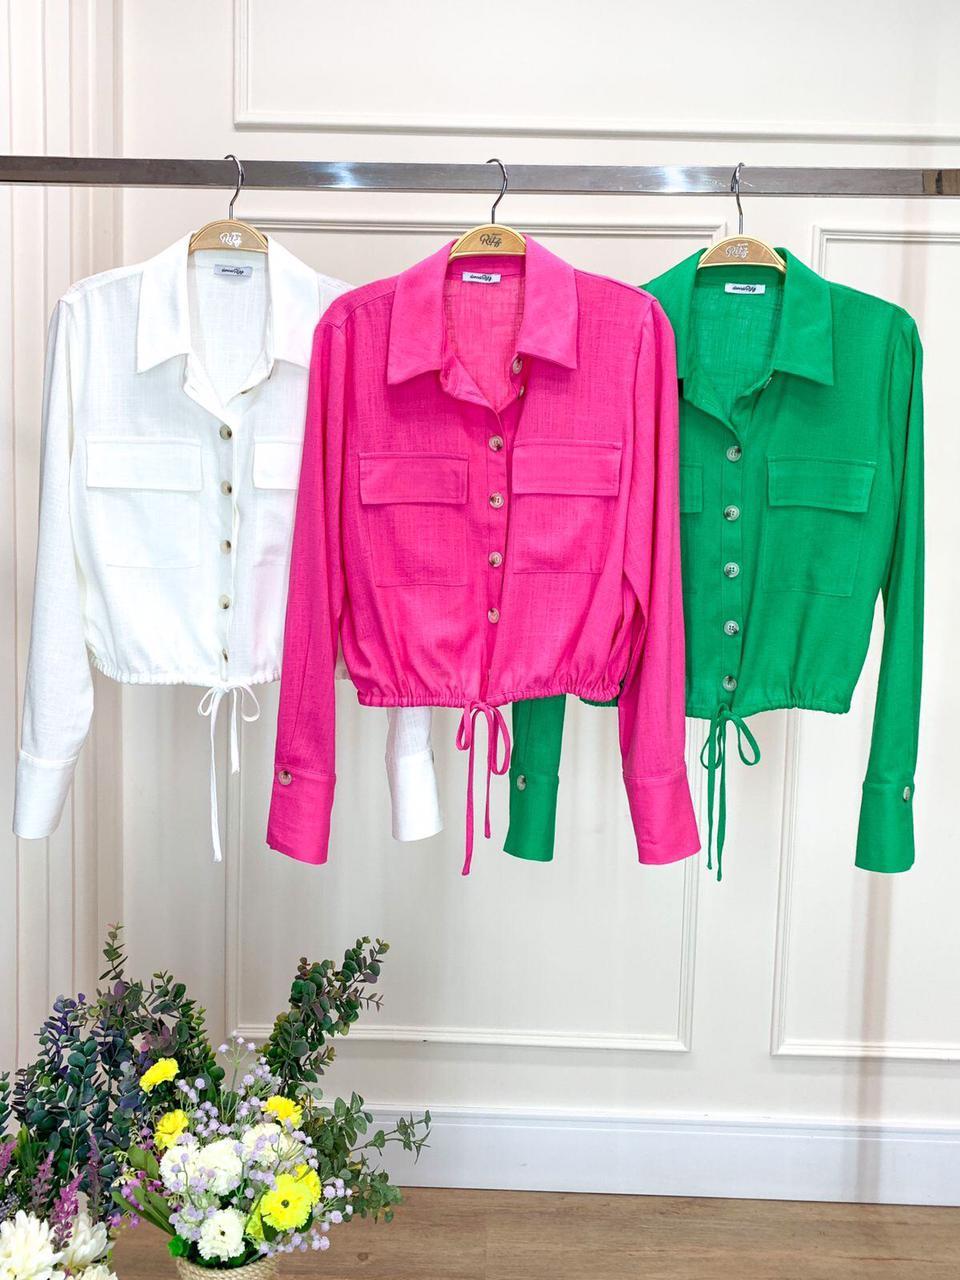 Camisa Giovana Cropped Viscolinho Detalhe Punho Alongado Bolsos Frontais Amarração